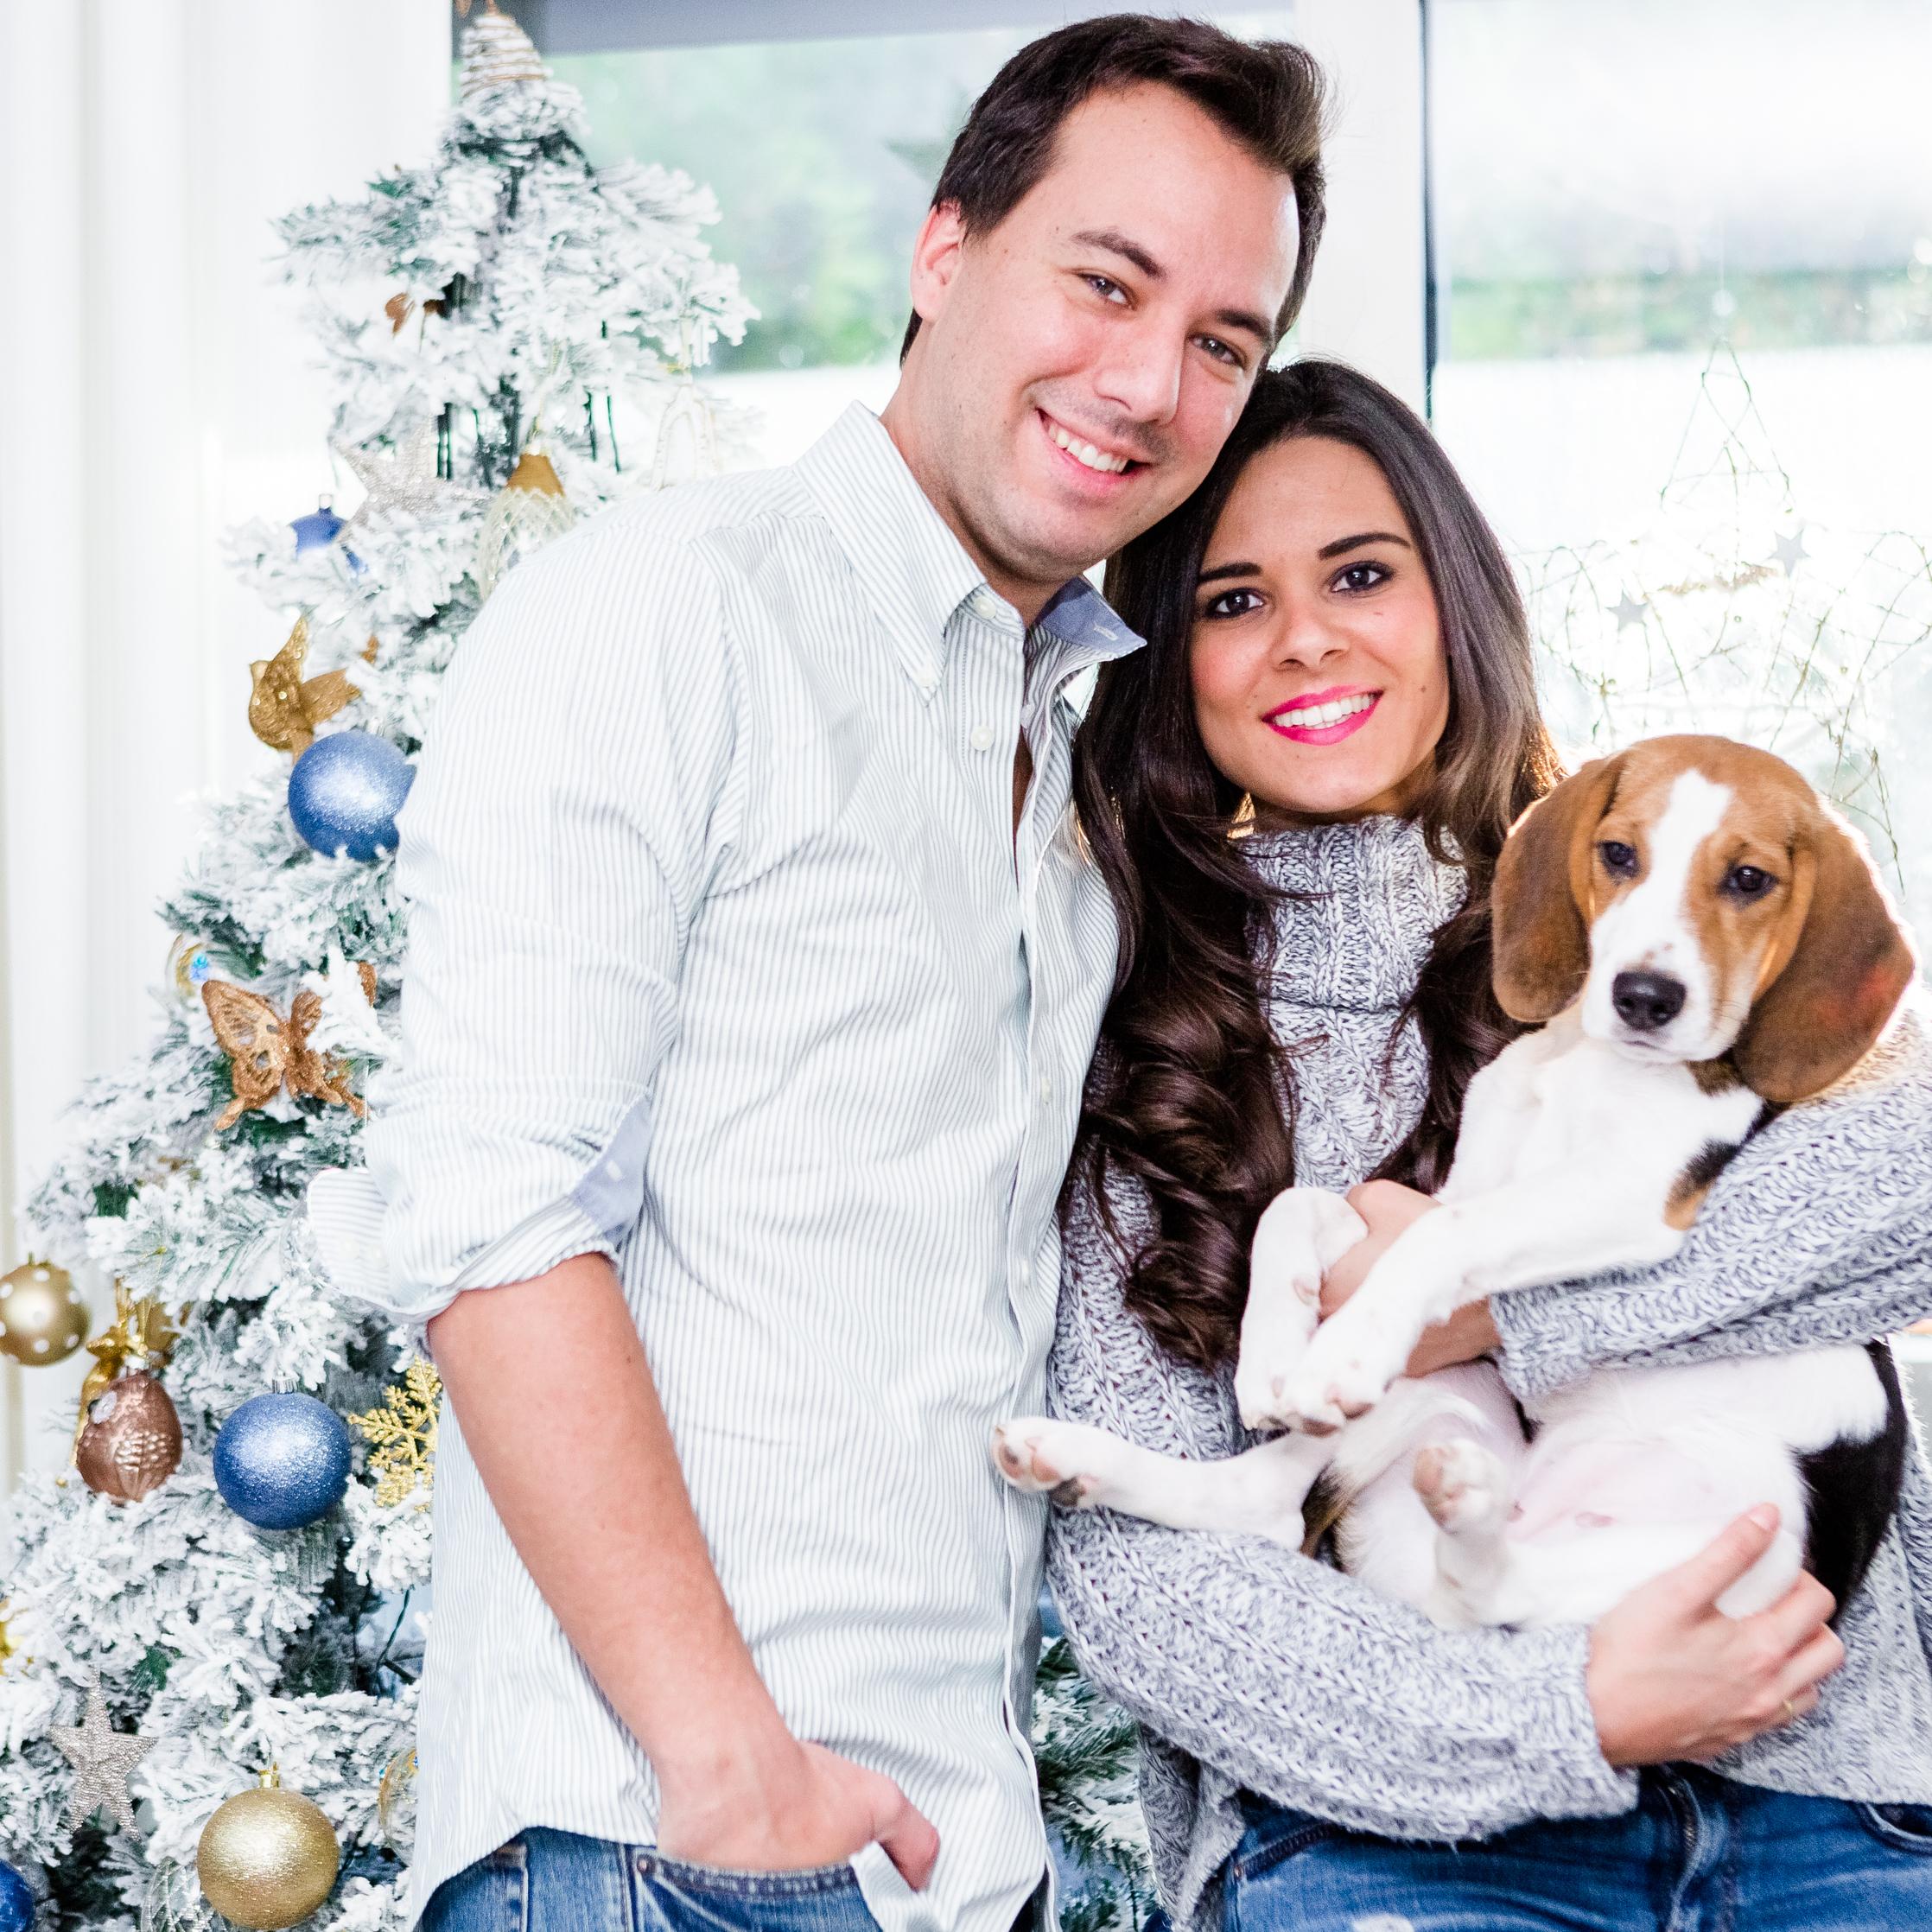 Feliz Navidad Crimenes de la Moda blog Maria Jesus Garnica Navarro Ramon Colubi